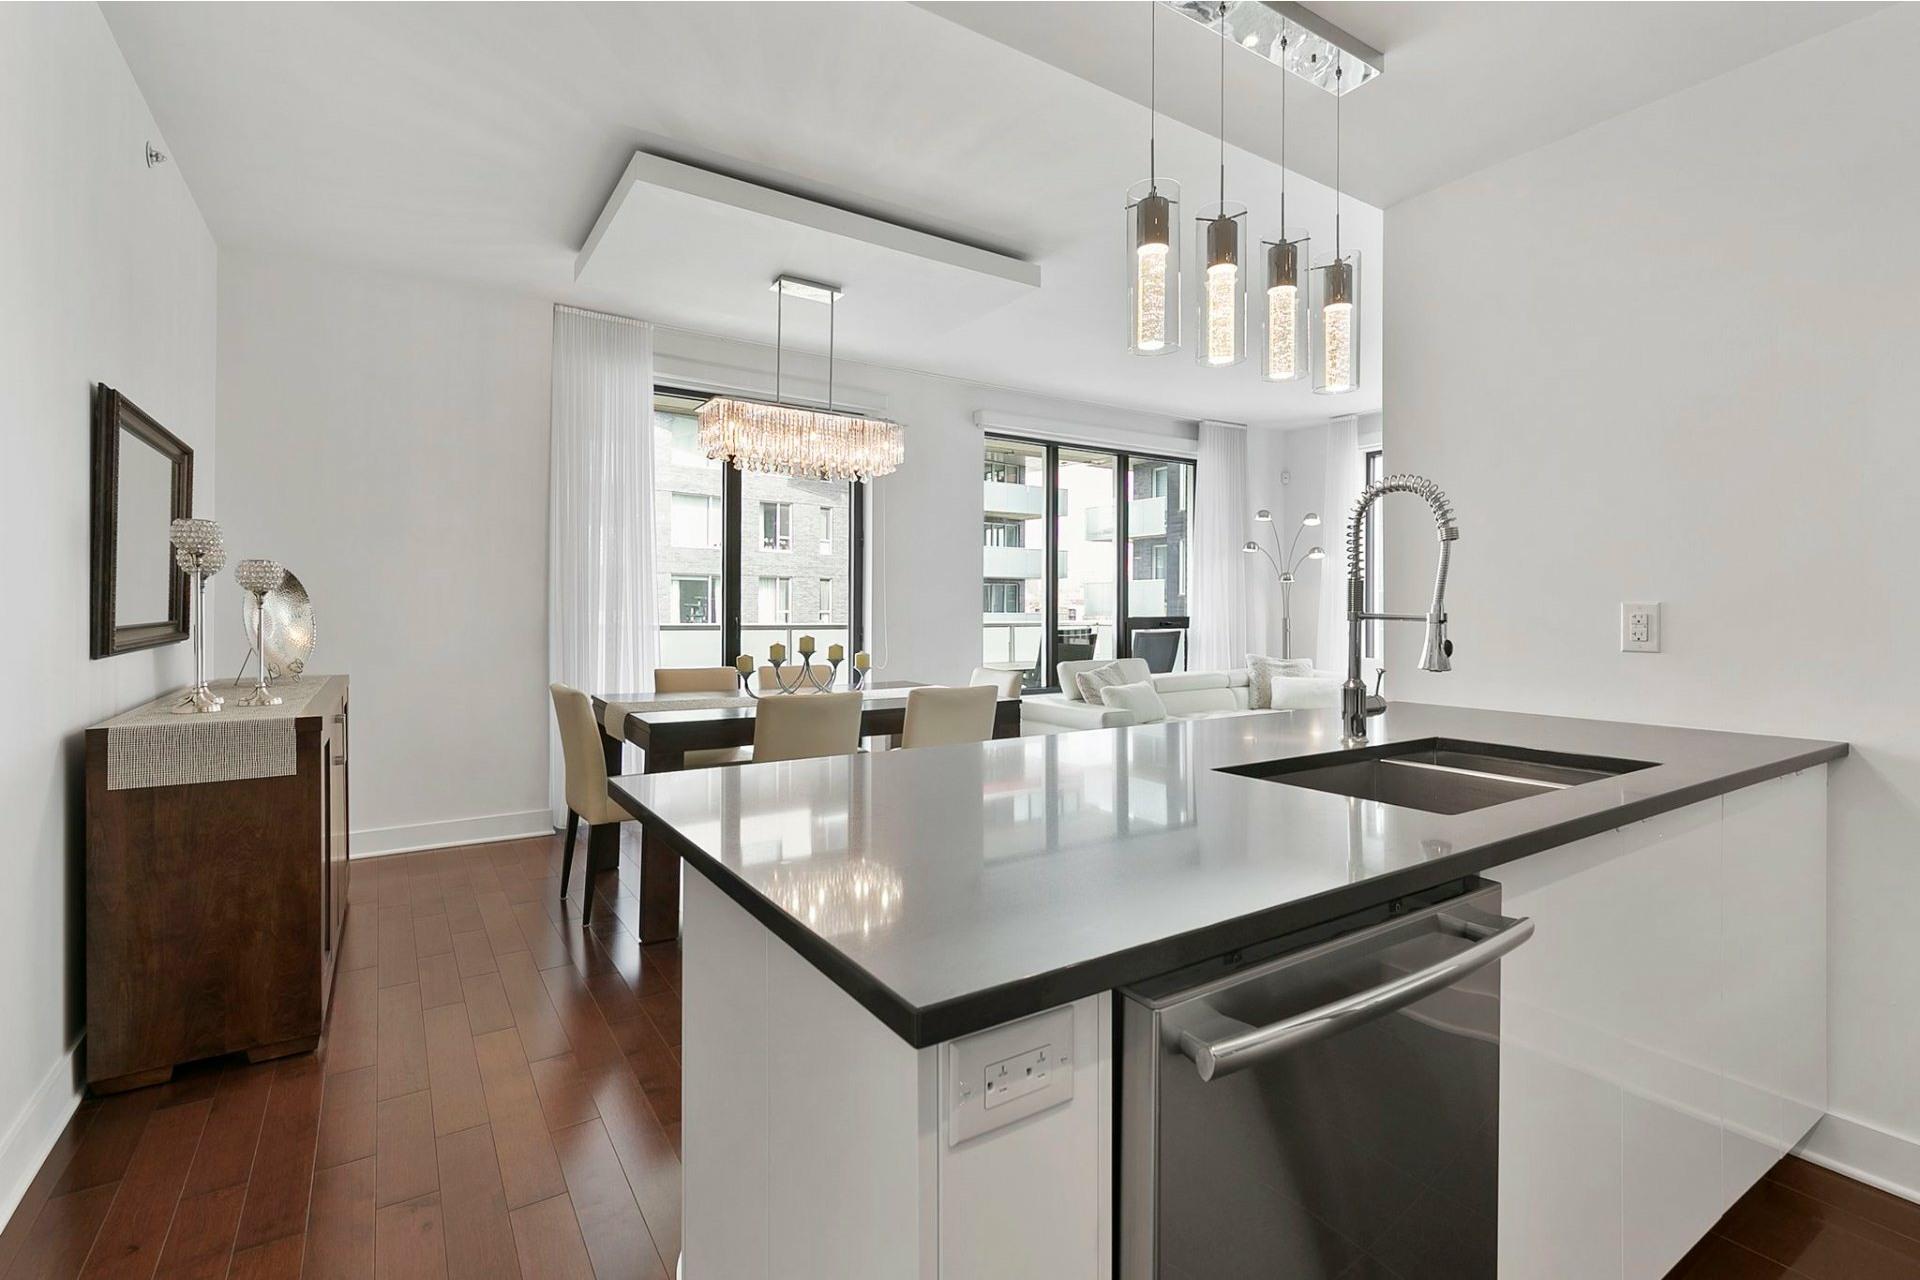 image 13 - Apartment For sale Côte-des-Neiges/Notre-Dame-de-Grâce Montréal  - 8 rooms